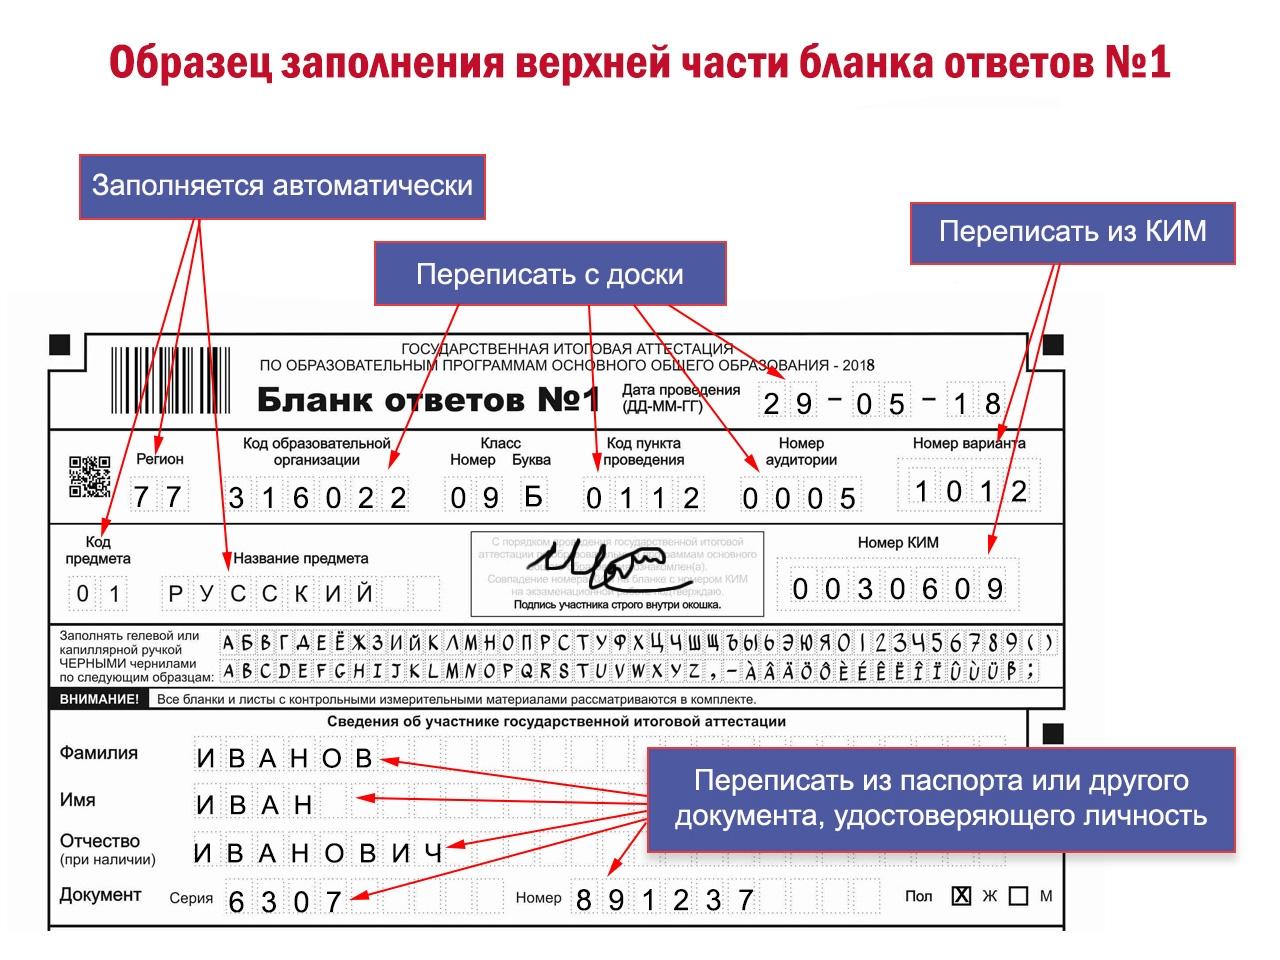 Анна Невская, актриса: биография, личная жизнь, фильмография